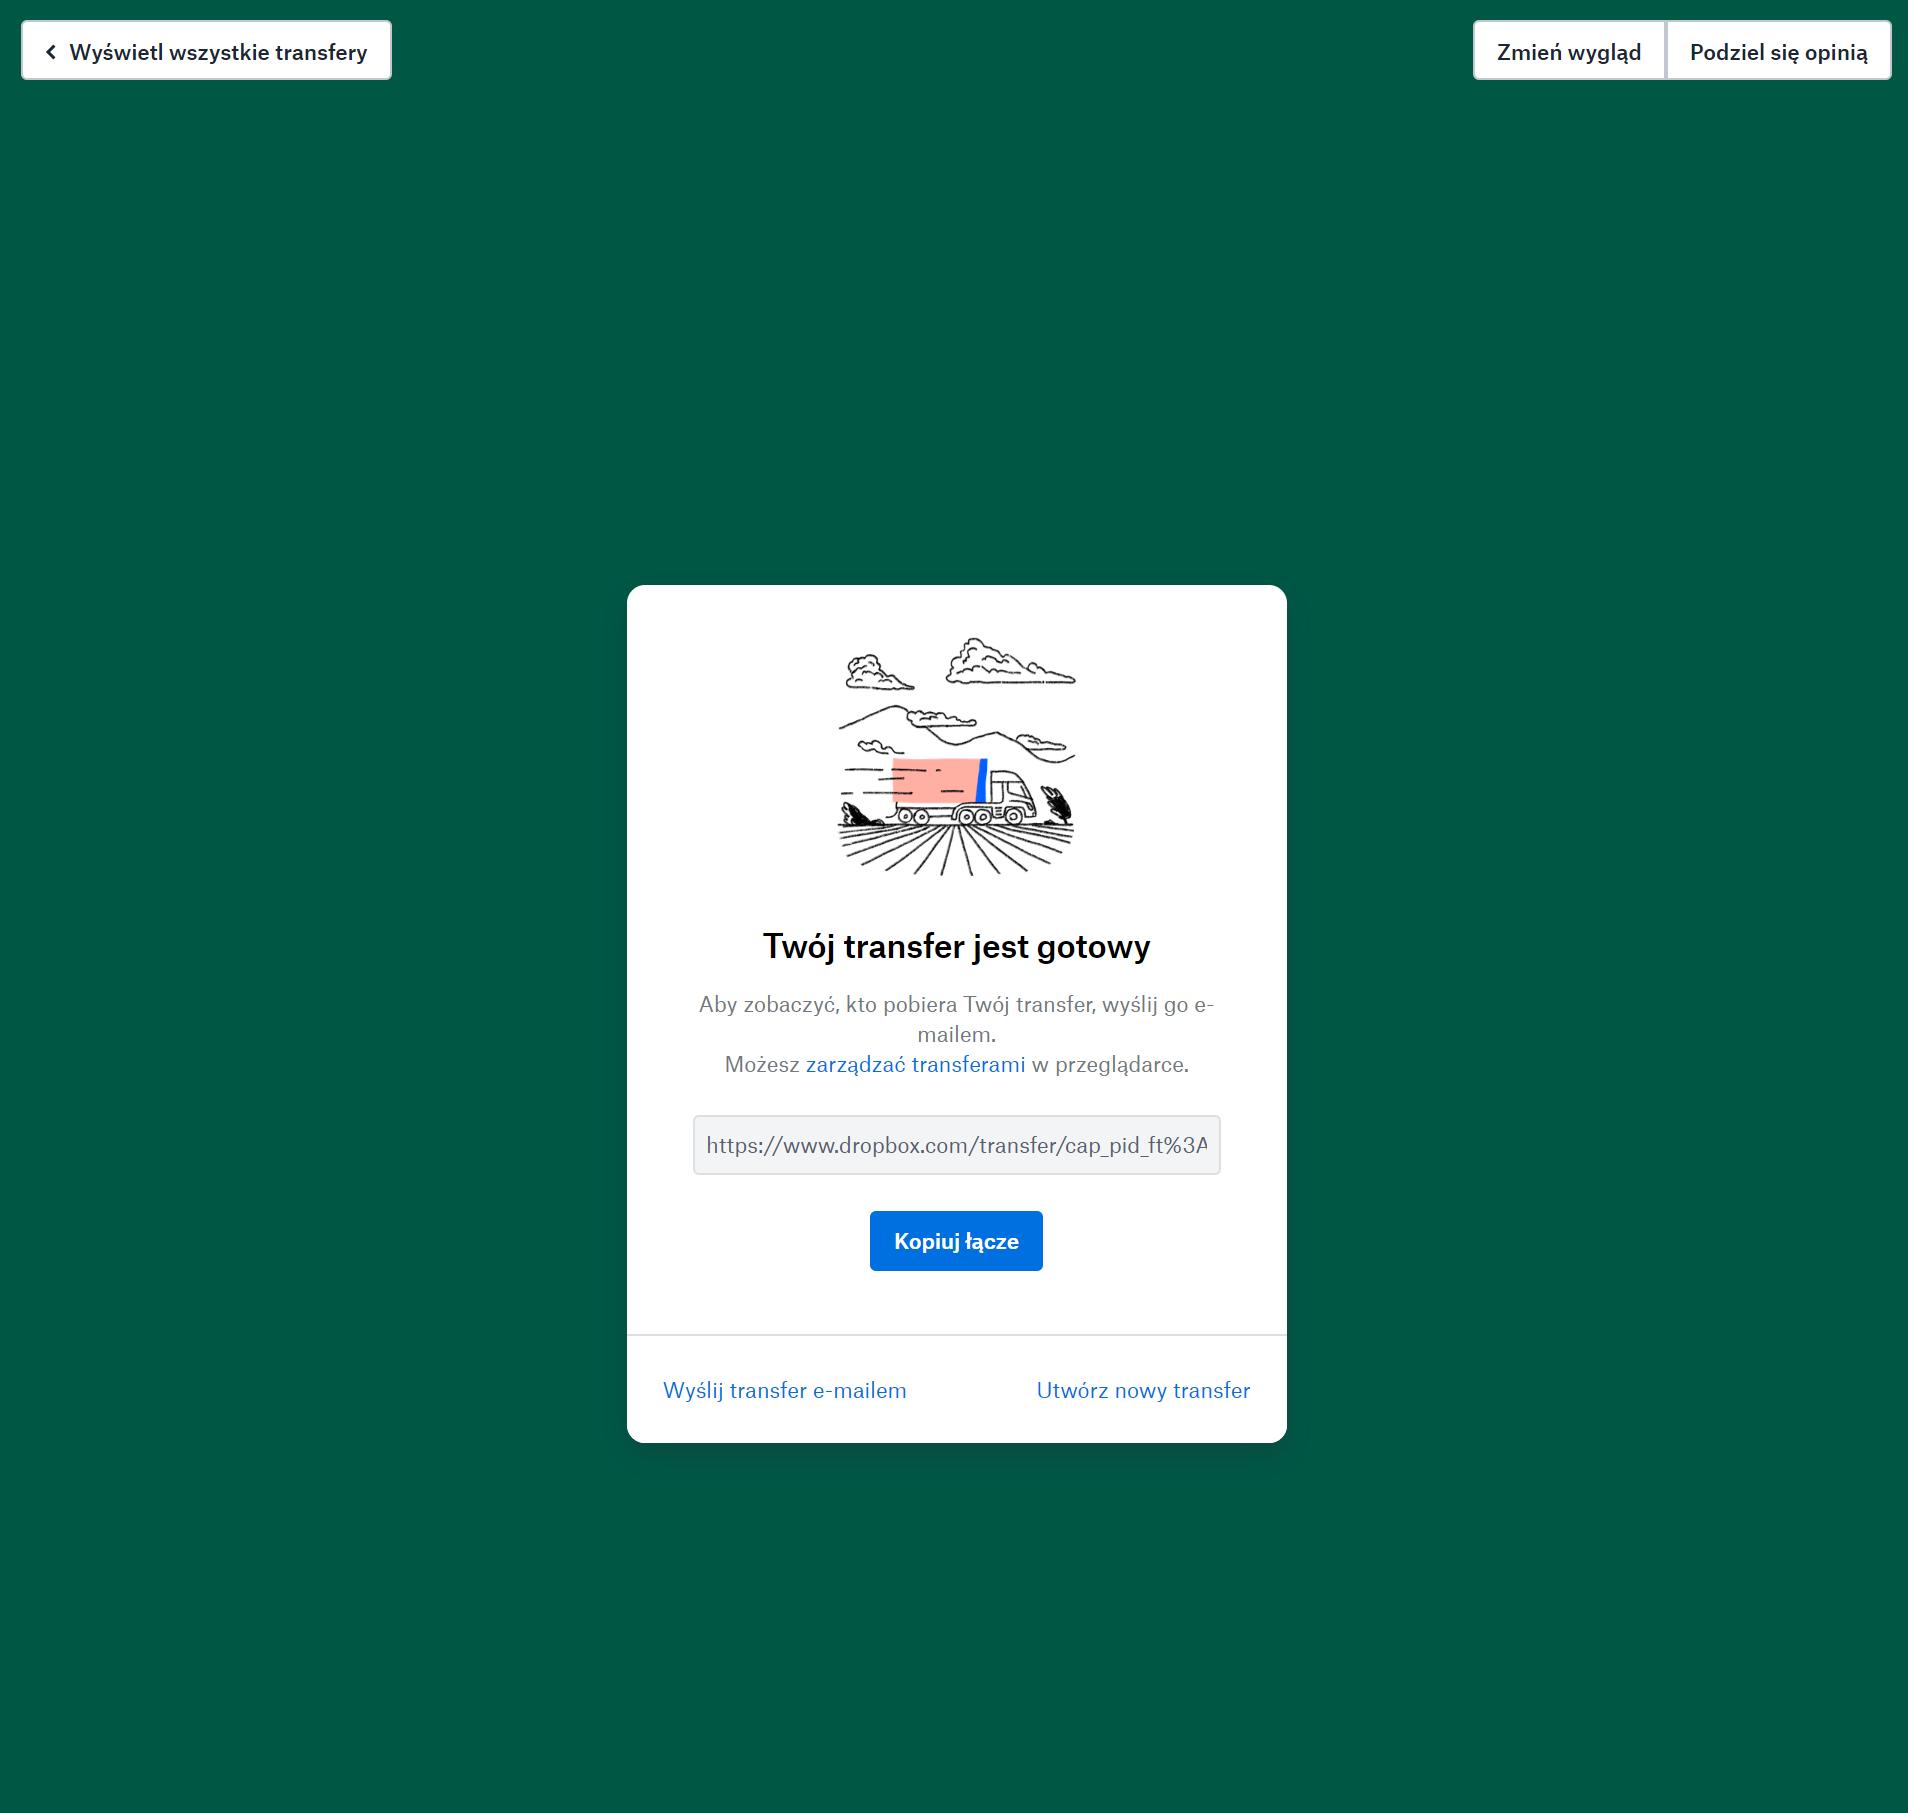 Jak przesyłać duże pliki - Dropbox Transfer